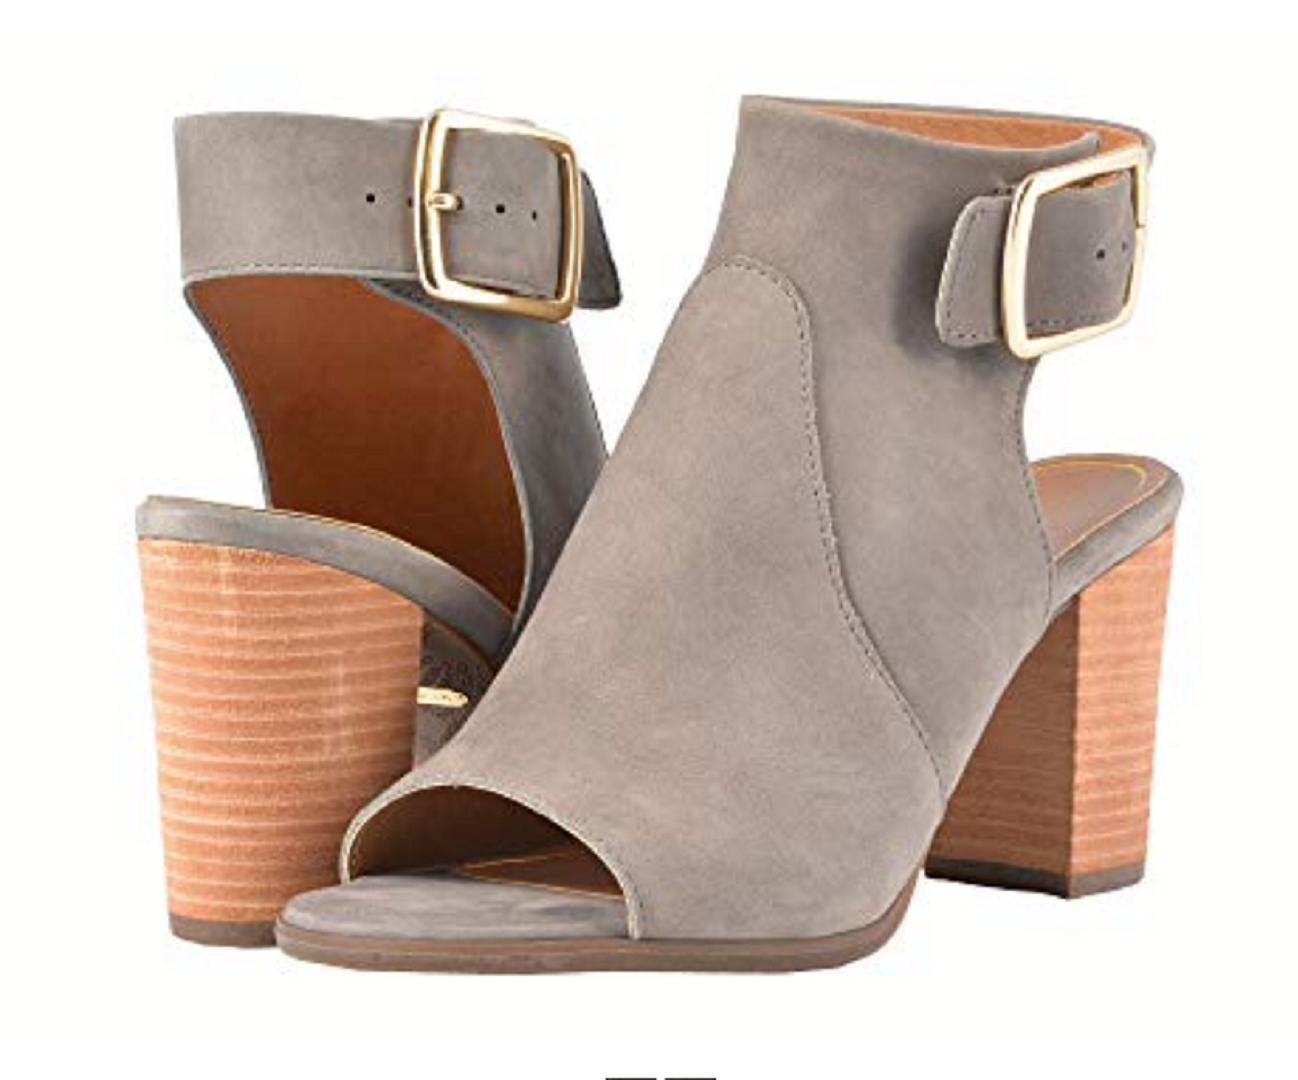 Vionic Orthaheel PERK BLAKELY Leder Heeled Sandales Sandales Sandales Schuhes GRAY Größe 10M NIB 274b21